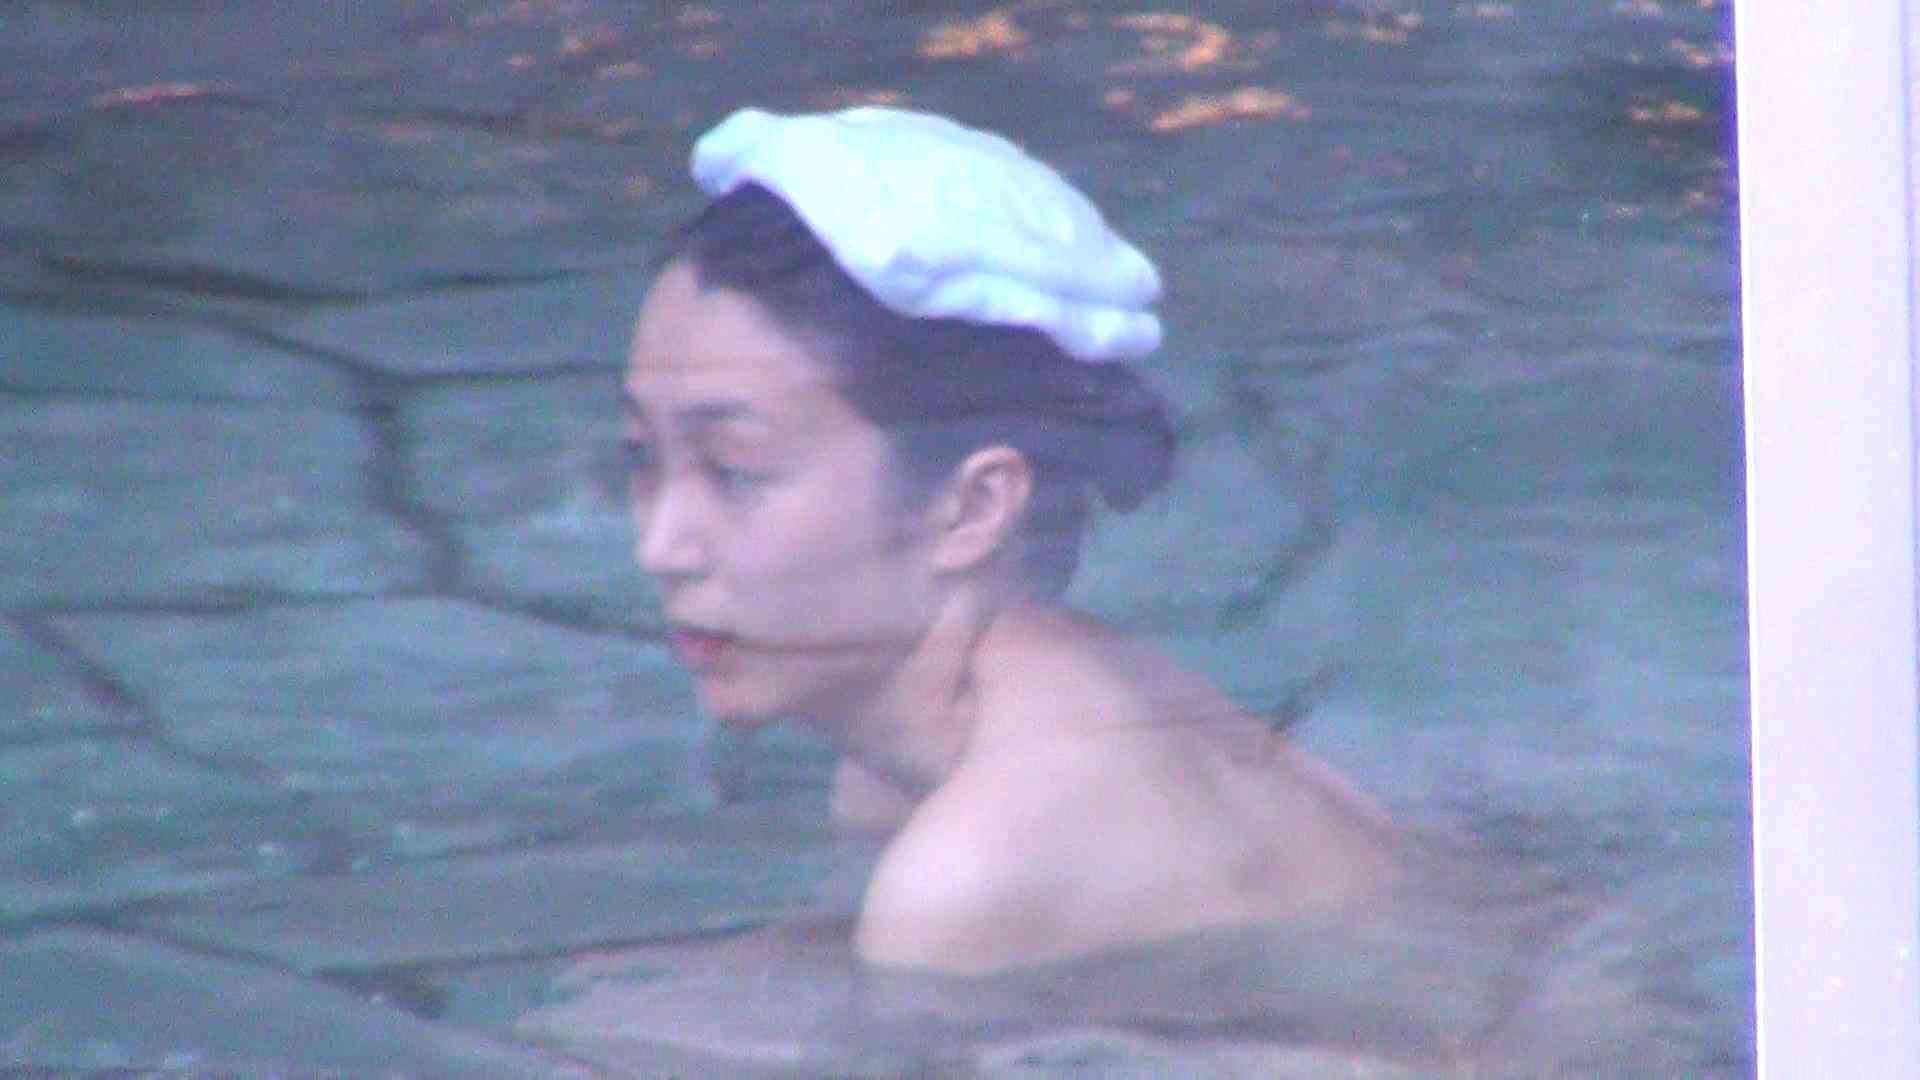 Aquaな露天風呂Vol.290 盗撮シリーズ  103PIX 30